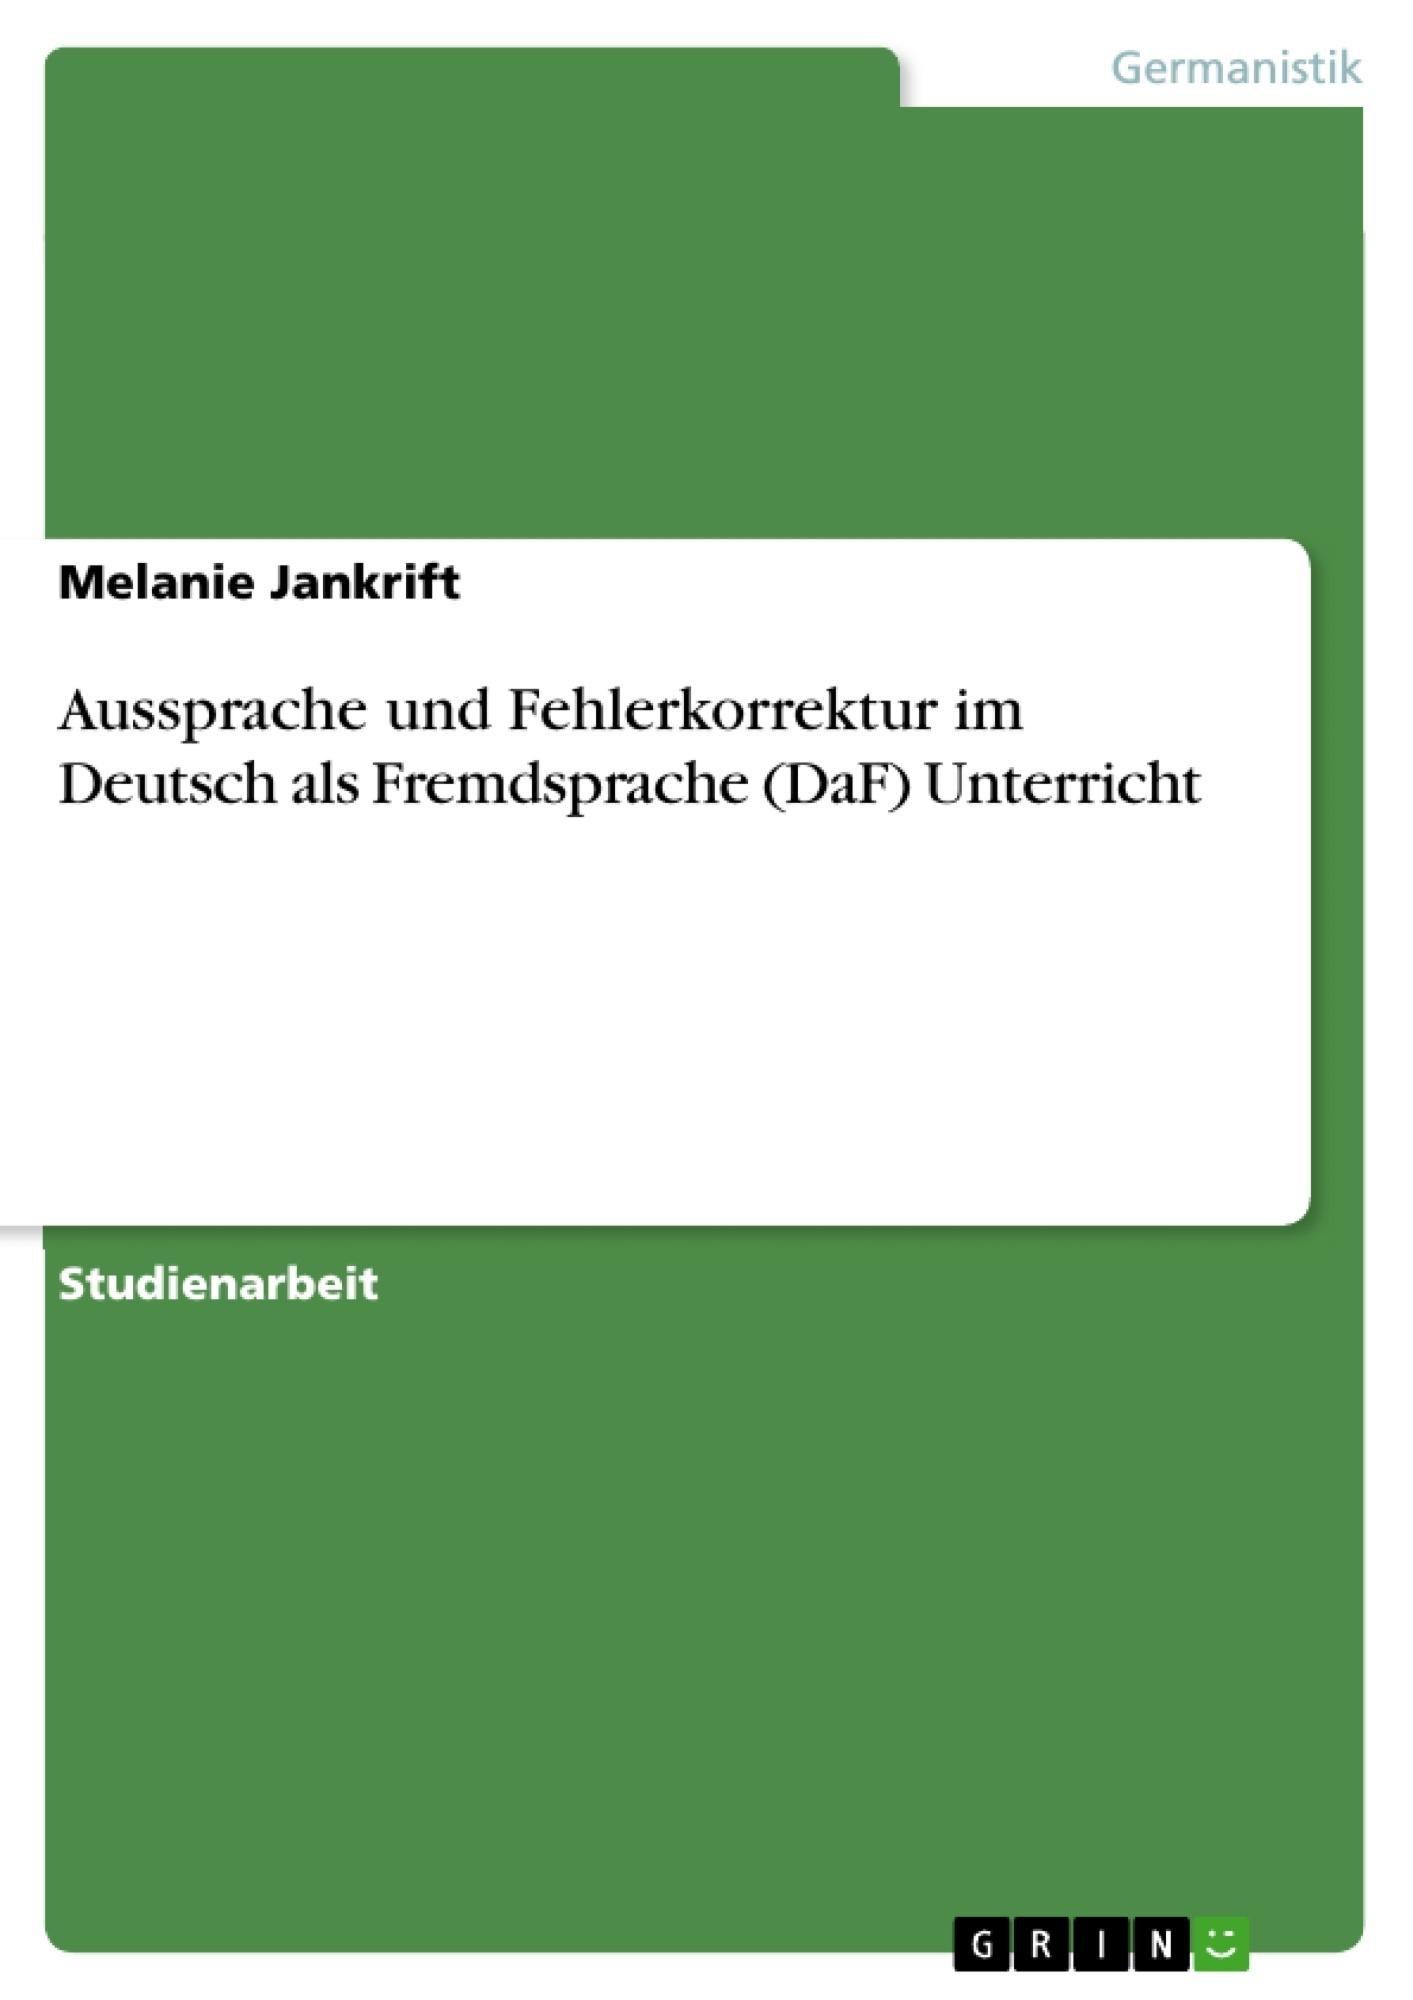 Titel: Aussprache und Fehlerkorrektur im Deutsch als Fremdsprache (DaF) Unterricht